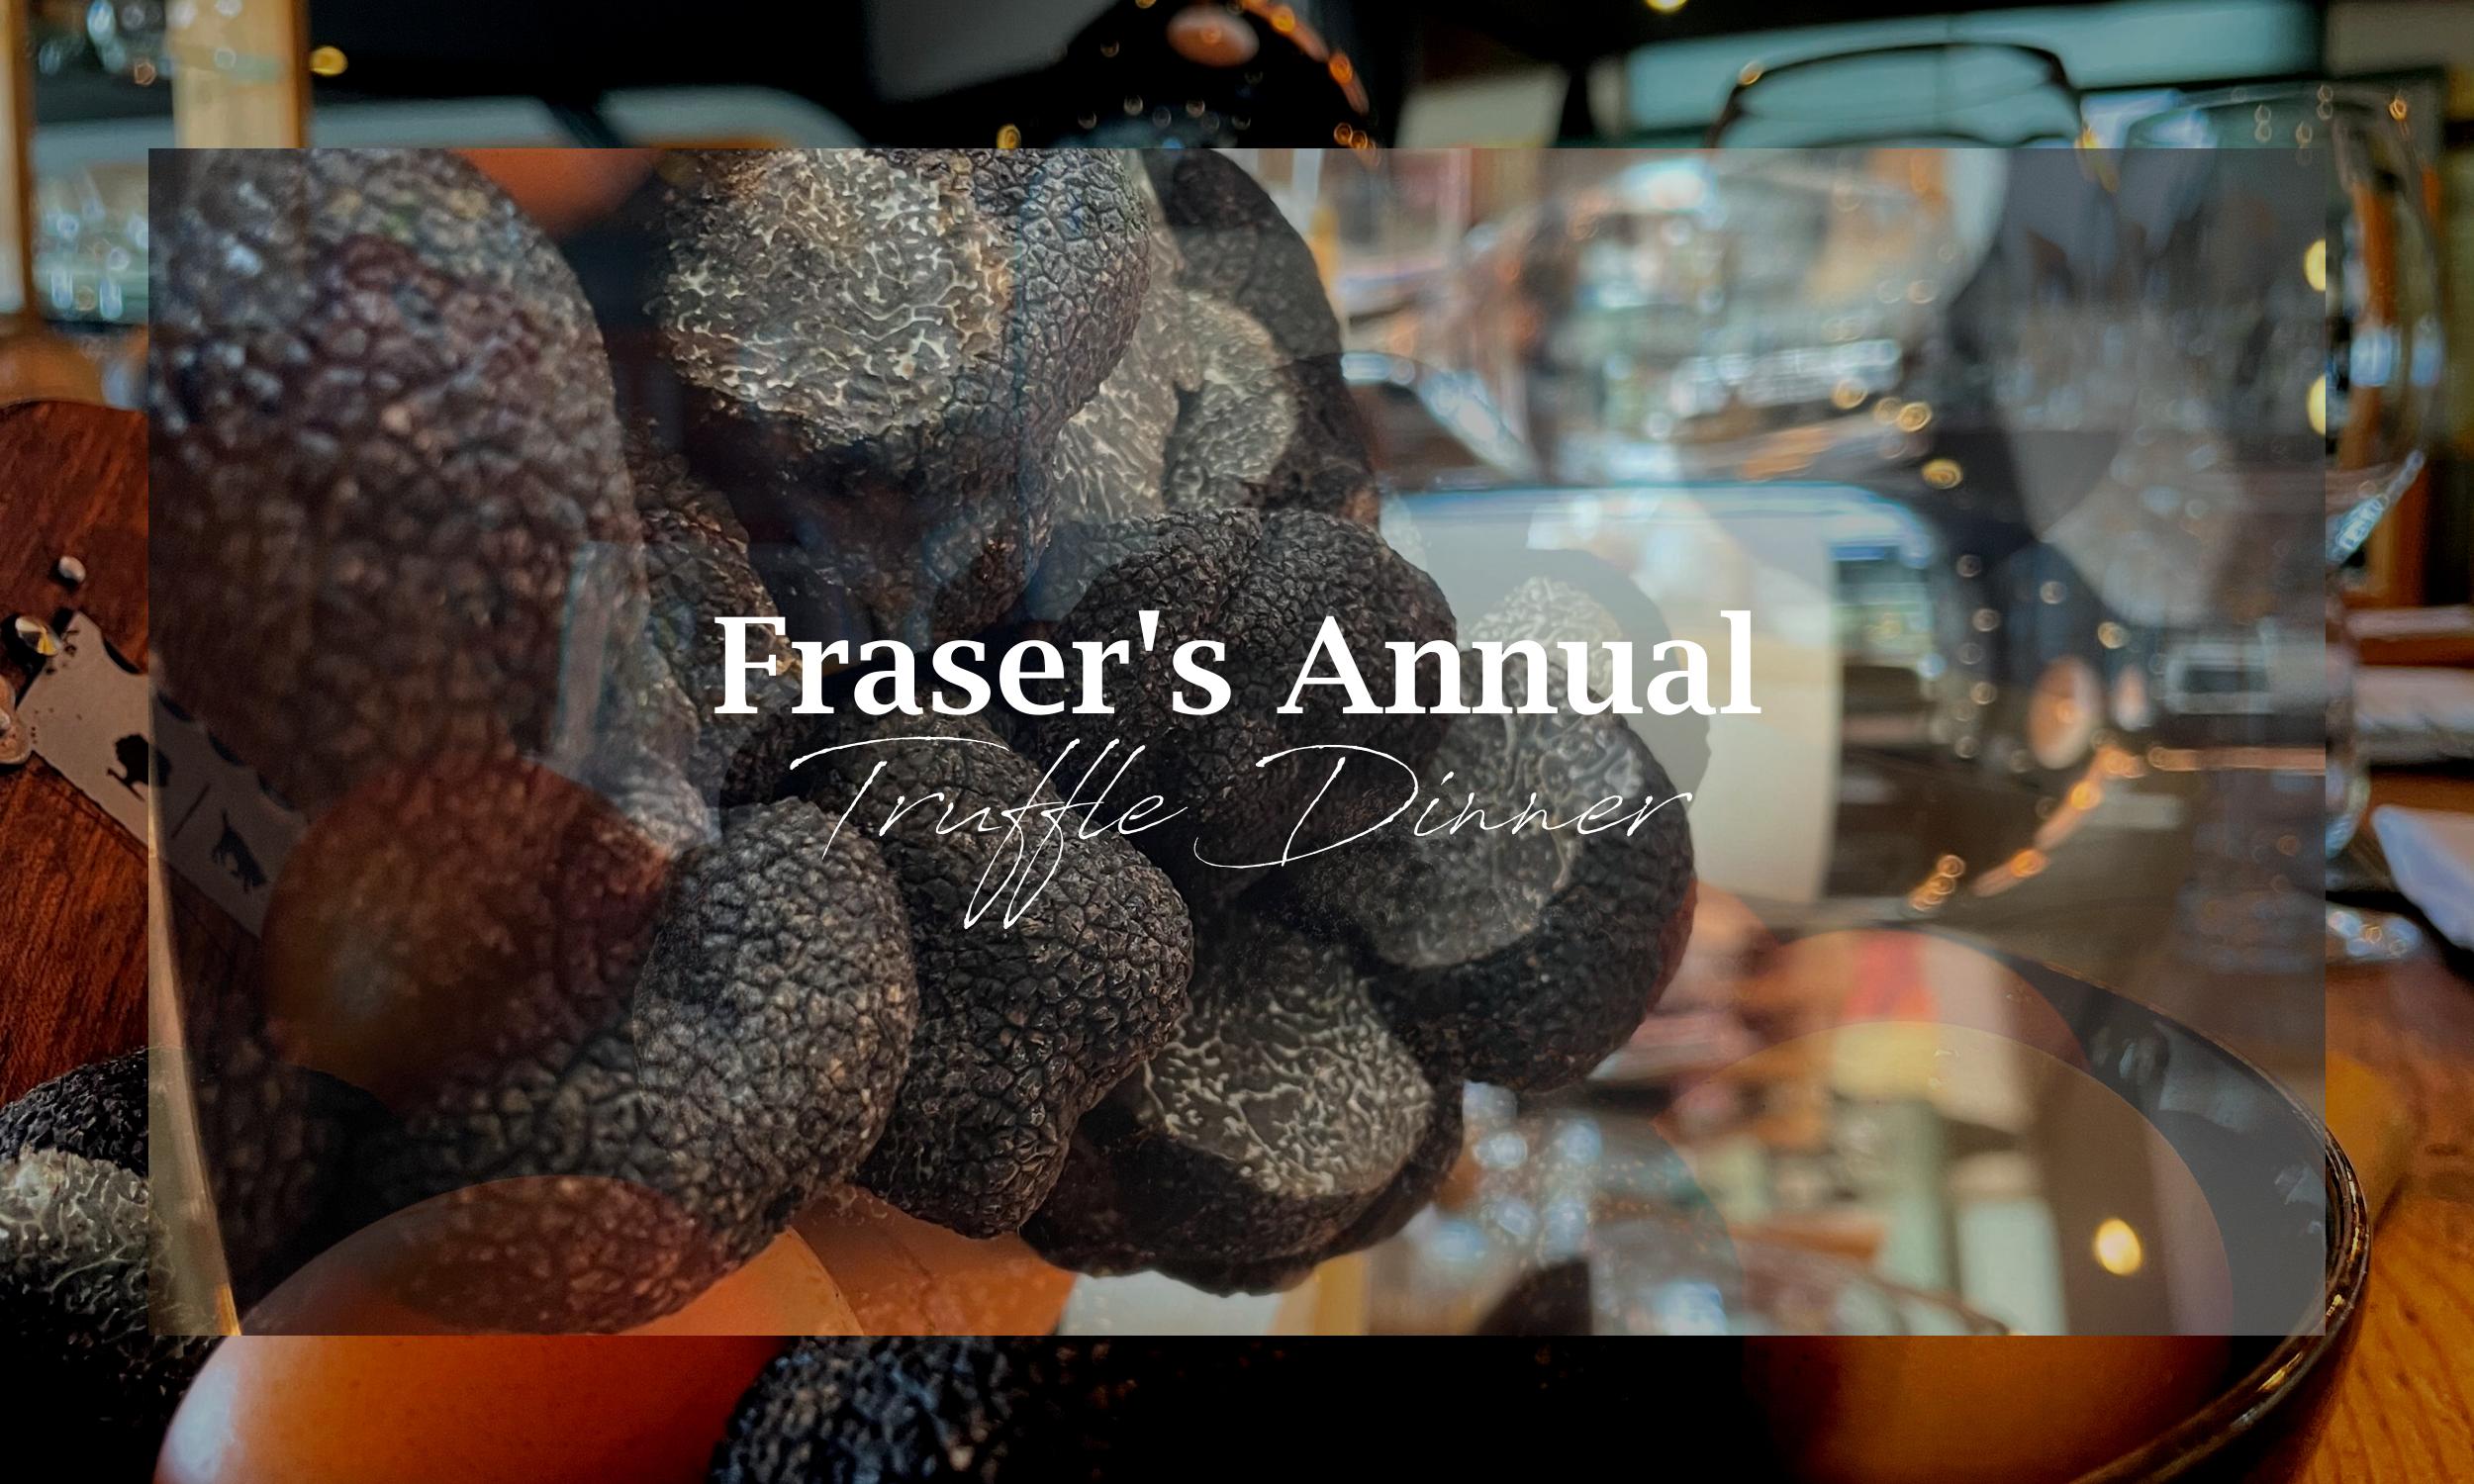 Fraser's Annual Truffle Dinner